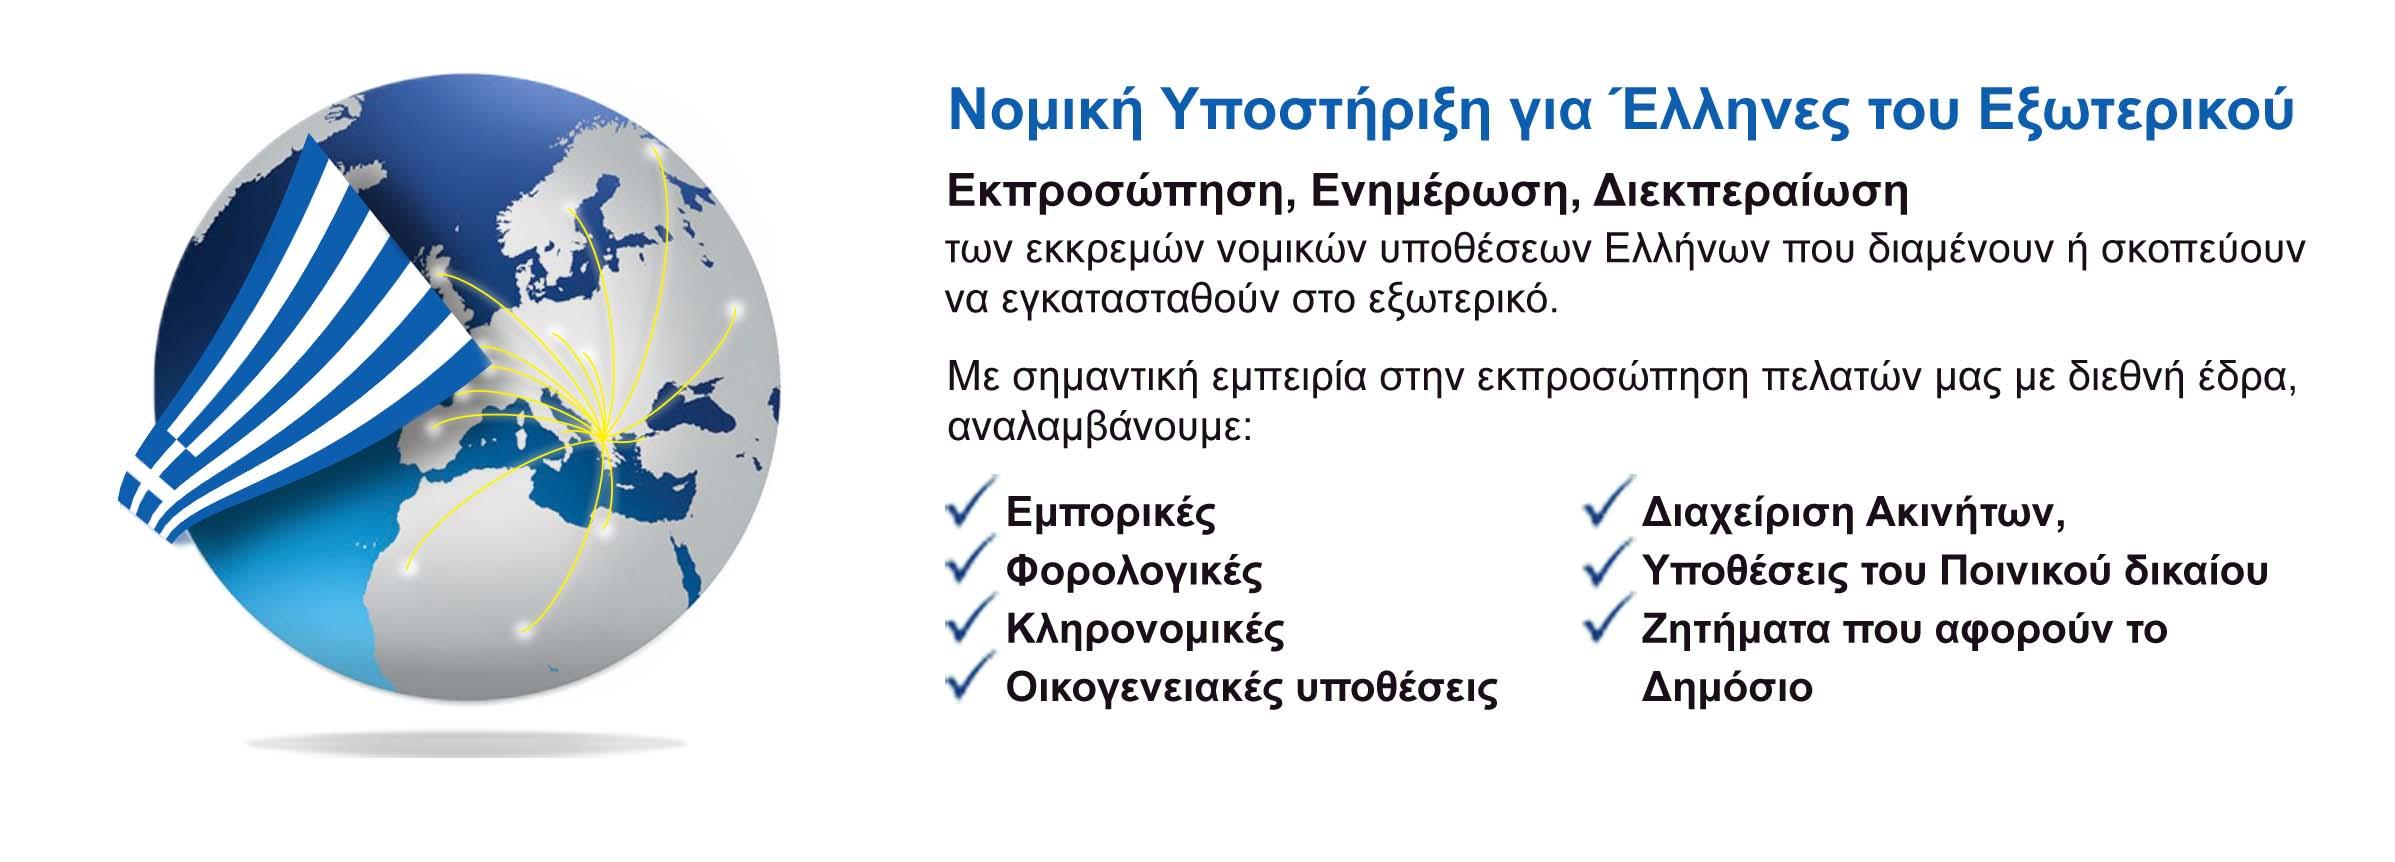 Νομική Υποστήριξη για Έλληνες του εξωτερικού